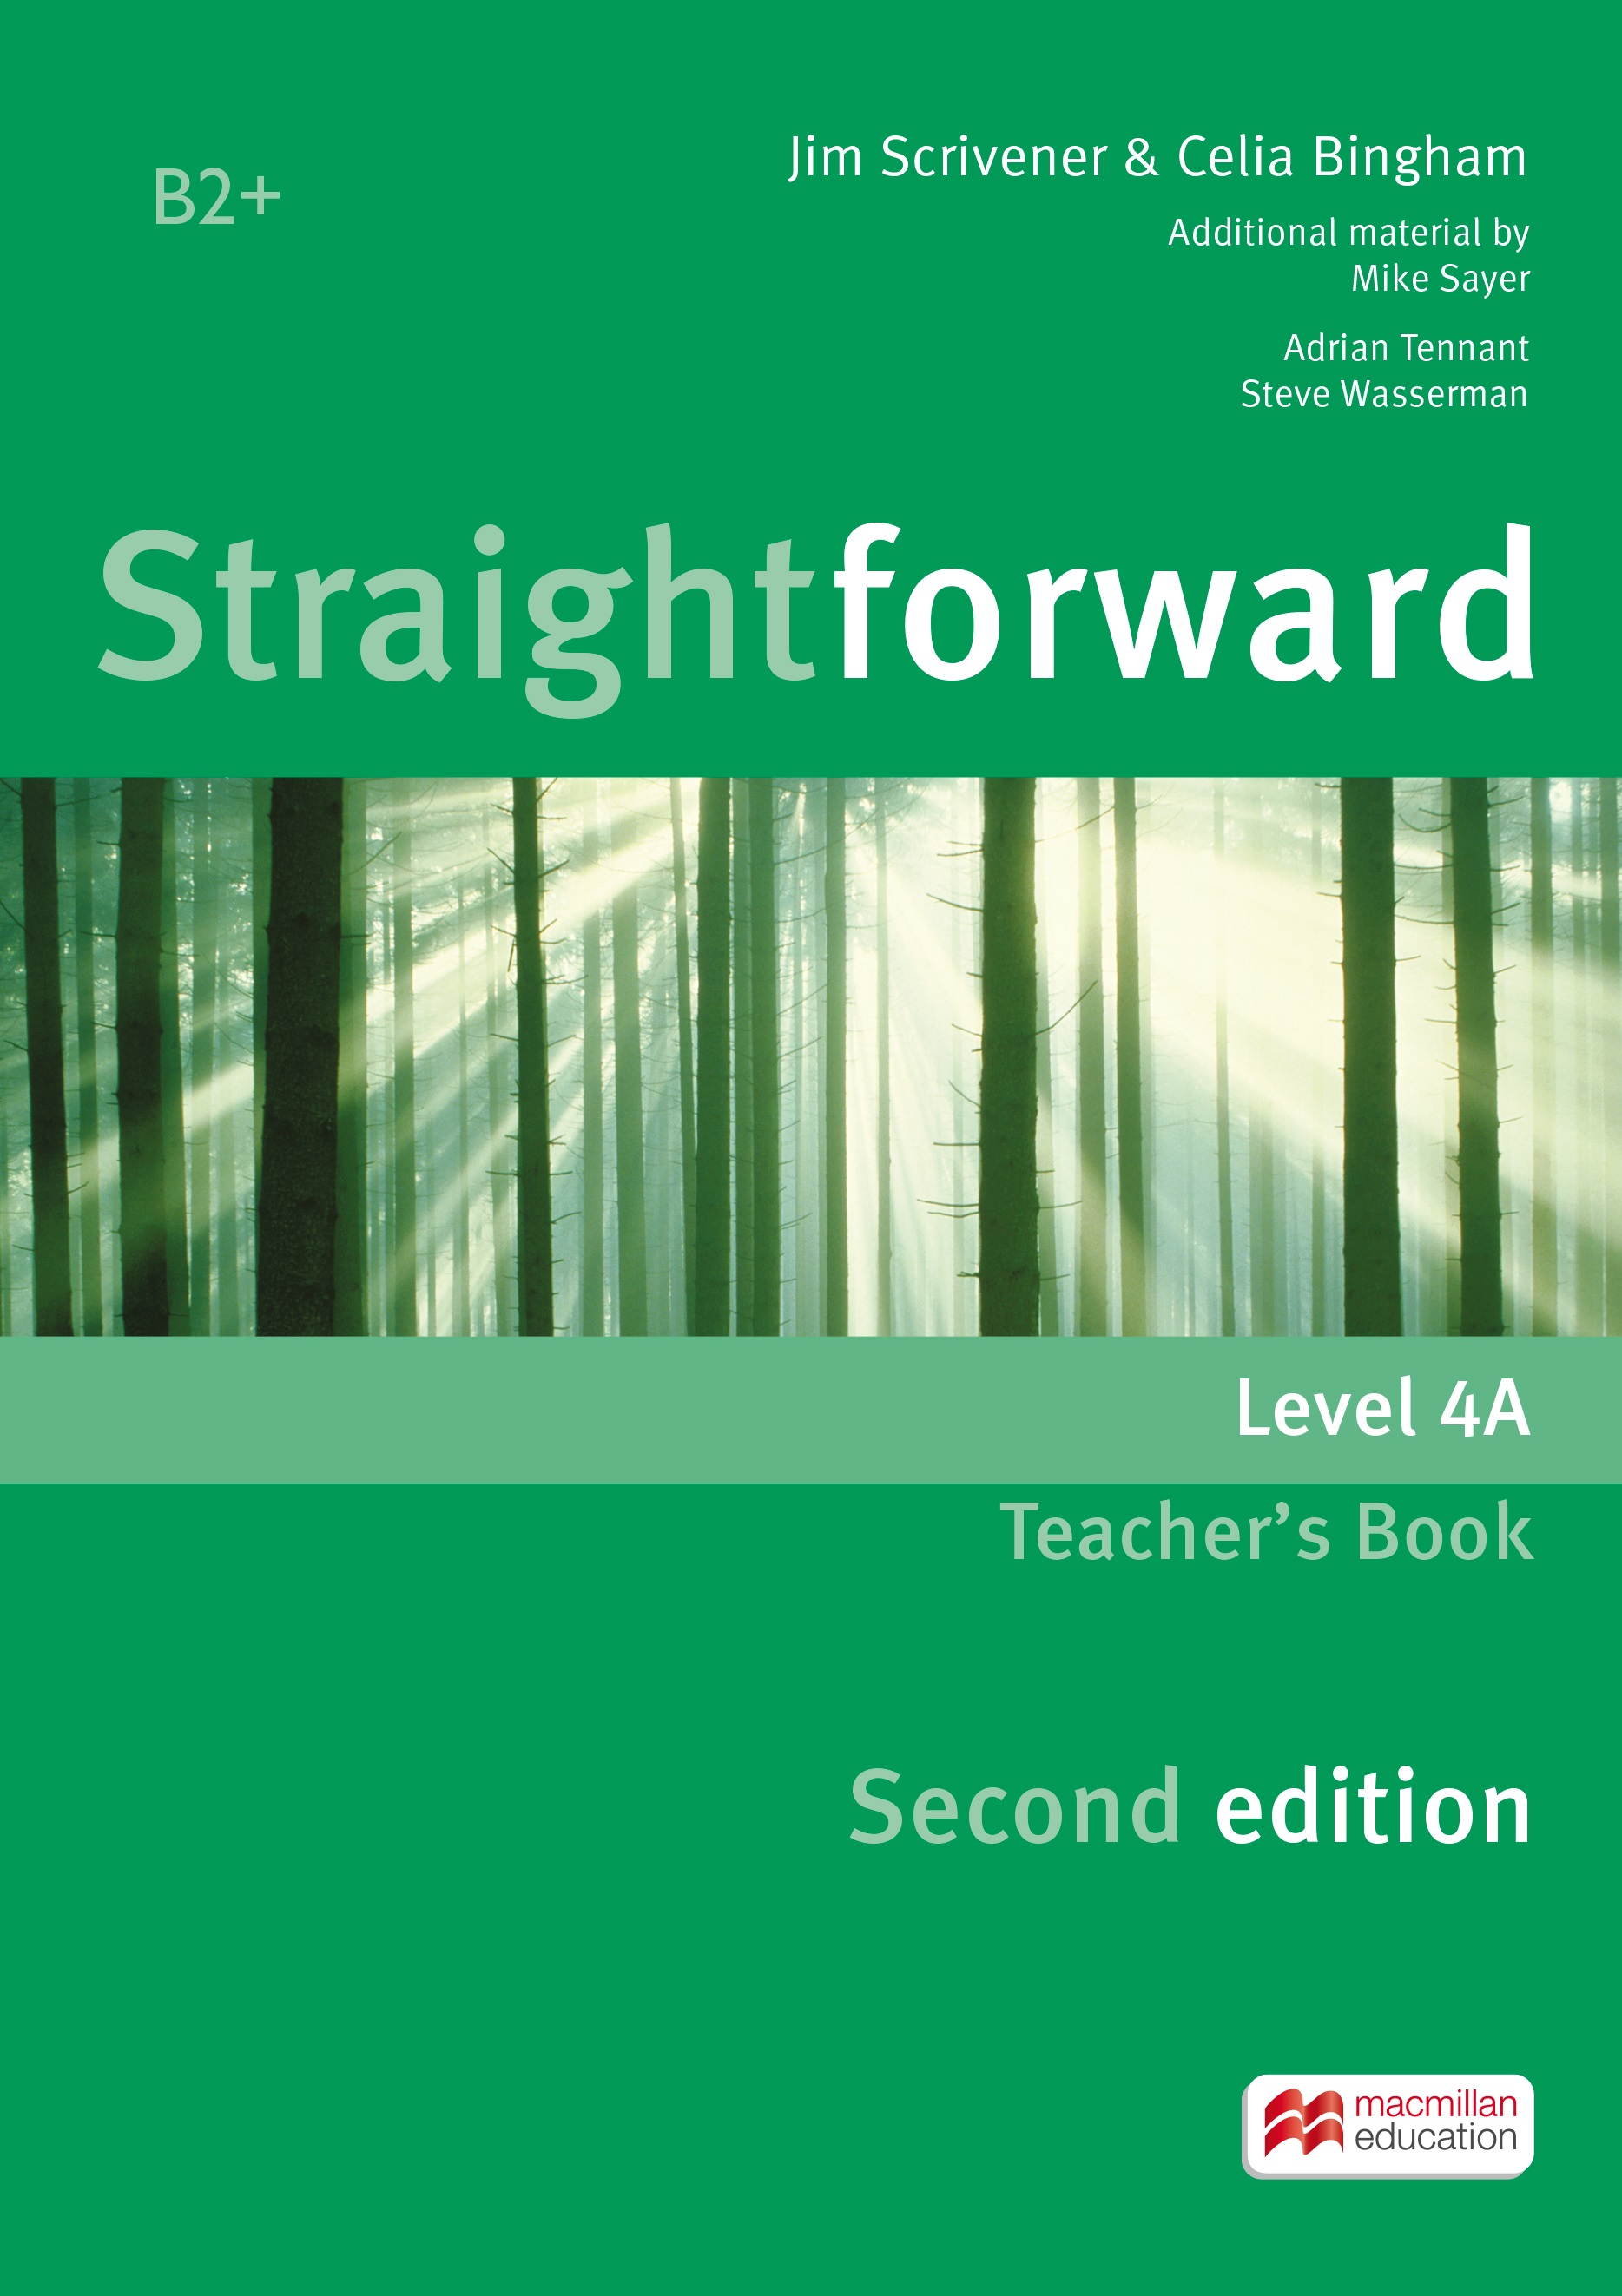 Straightforward Split Edition Level 4A Teacher